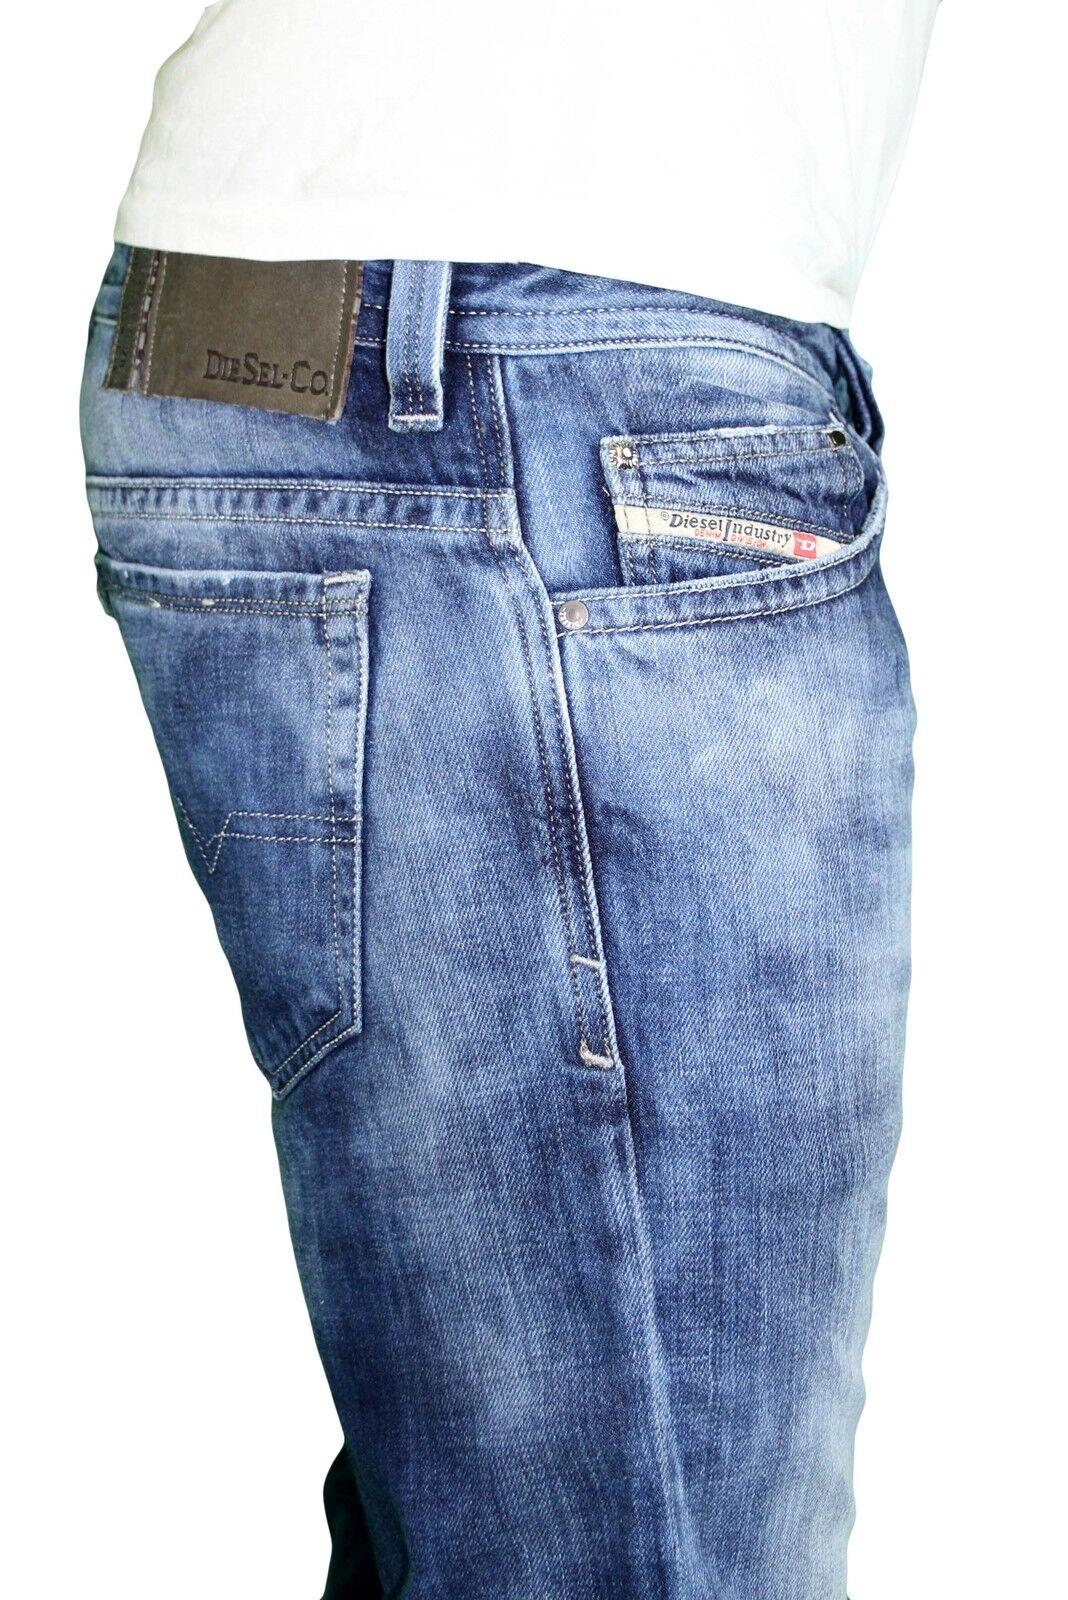 NWT DIESEL Men's Slim Skinny Jeans Thavar 888N Vintage bluee All Size x 32 L